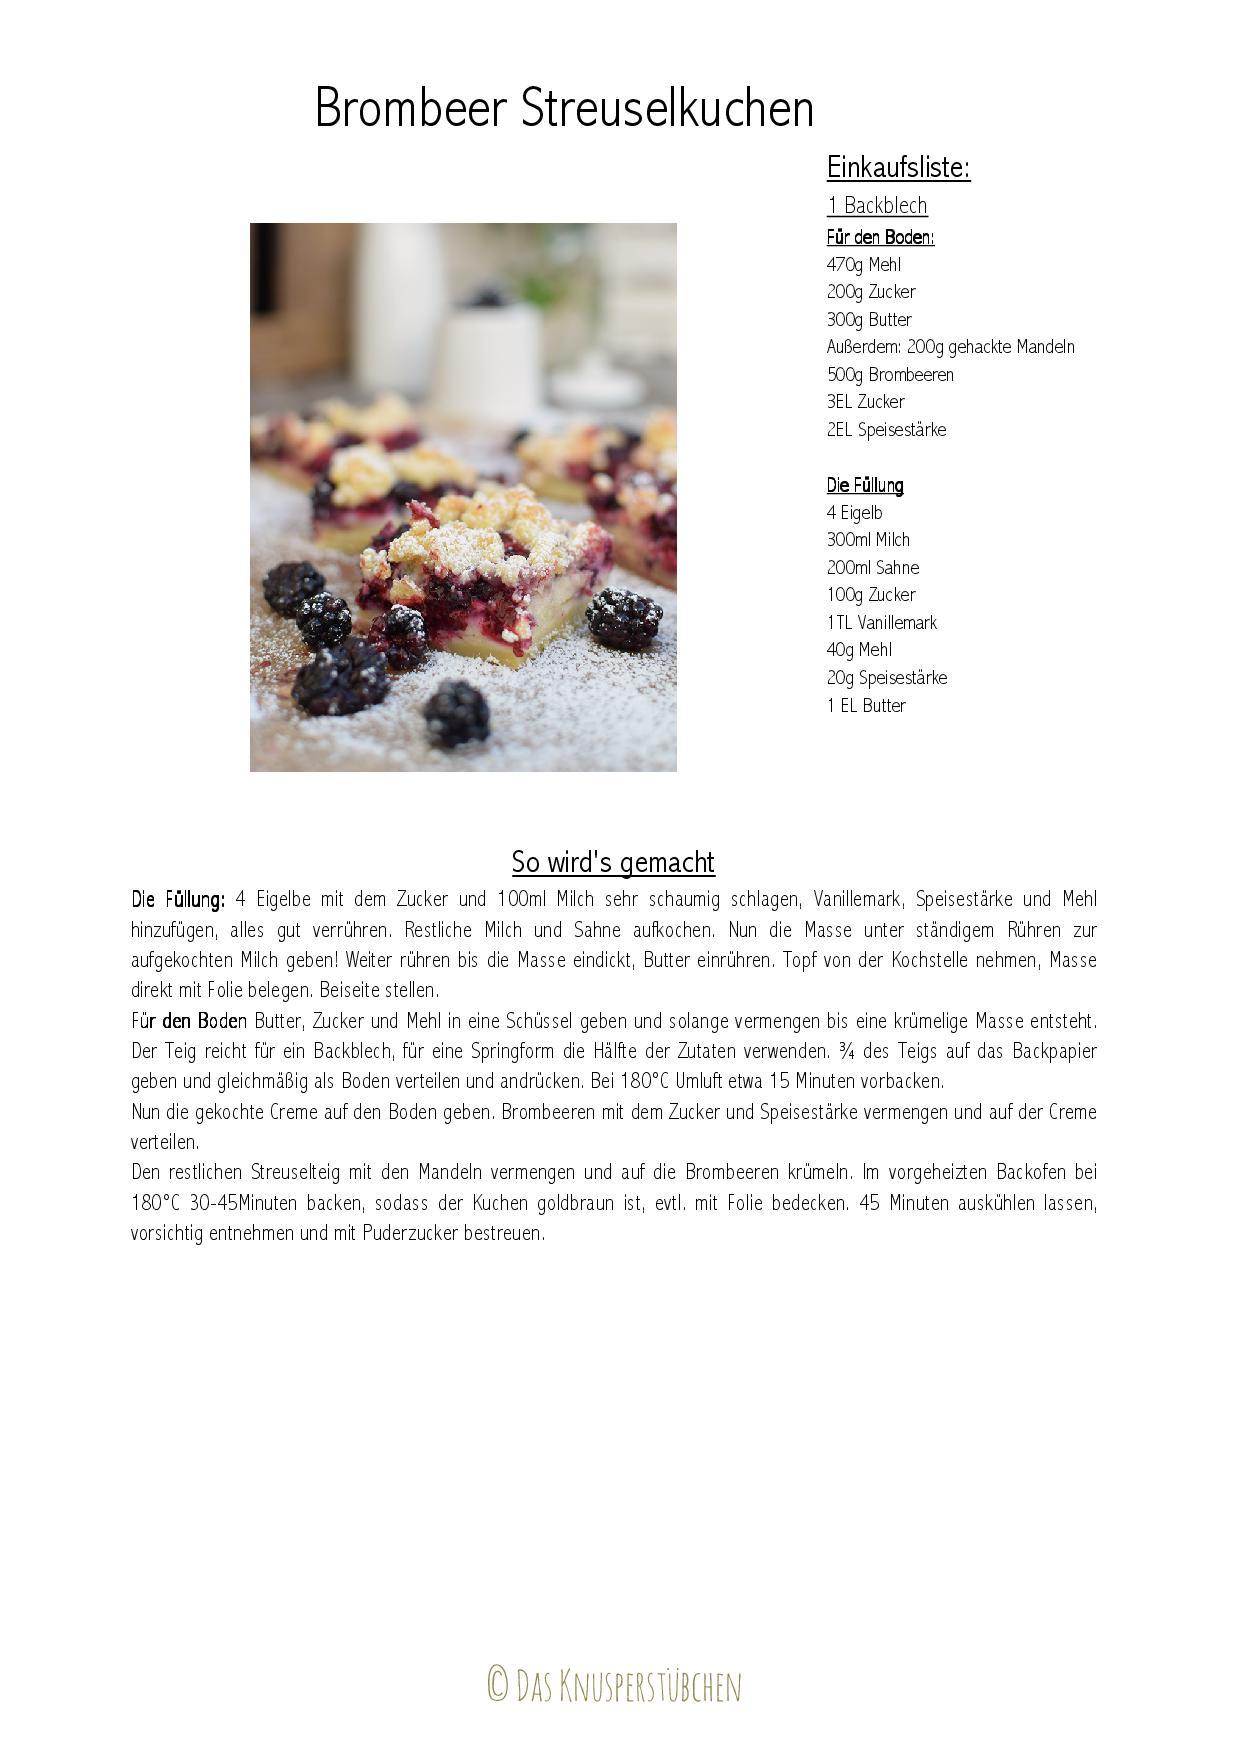 Brombeer Streuselkuchen Rezept-001